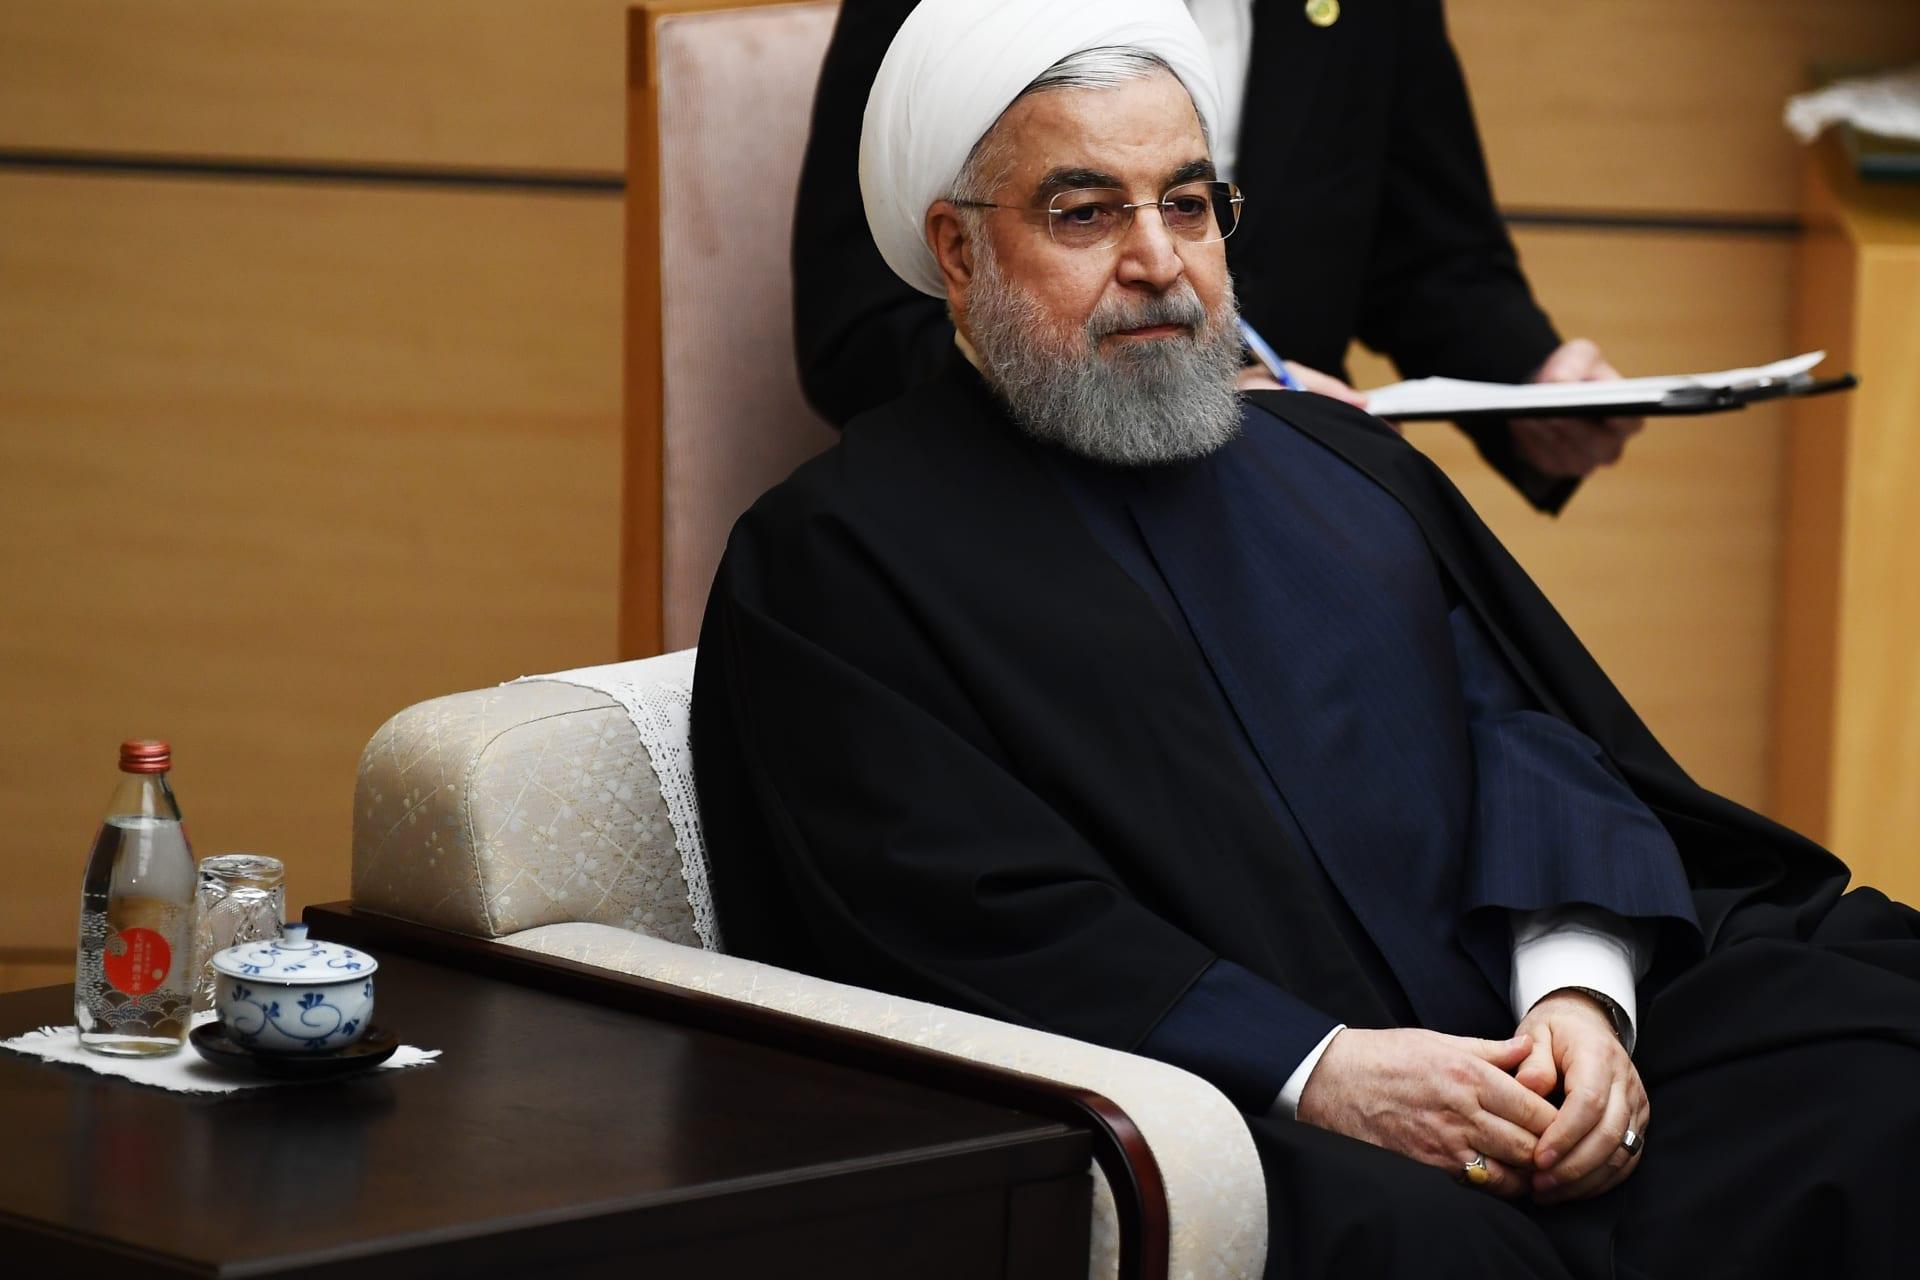 روحاني: نواجه أيامًا صعبة.. الحظر الاقتصادي منع حصولنا على عوائد قيمتها 200 مليار دولار